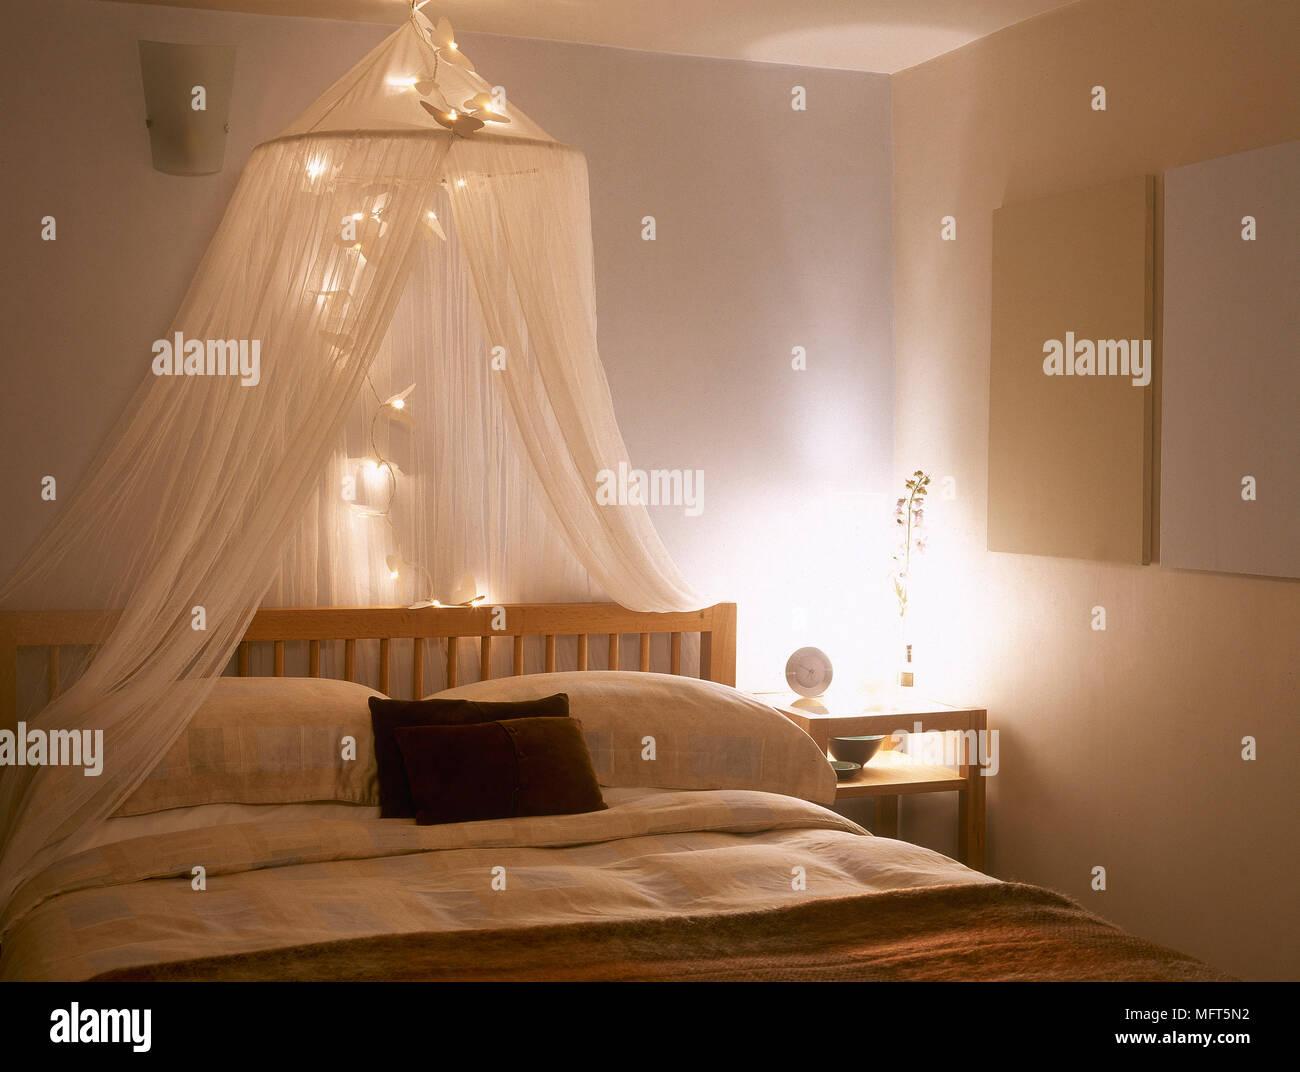 Illuminazione Camera Da Letto Matrimoniale.Camera Da Letto Con Baldacchino E Illuminazione Al Di Sopra Di Un